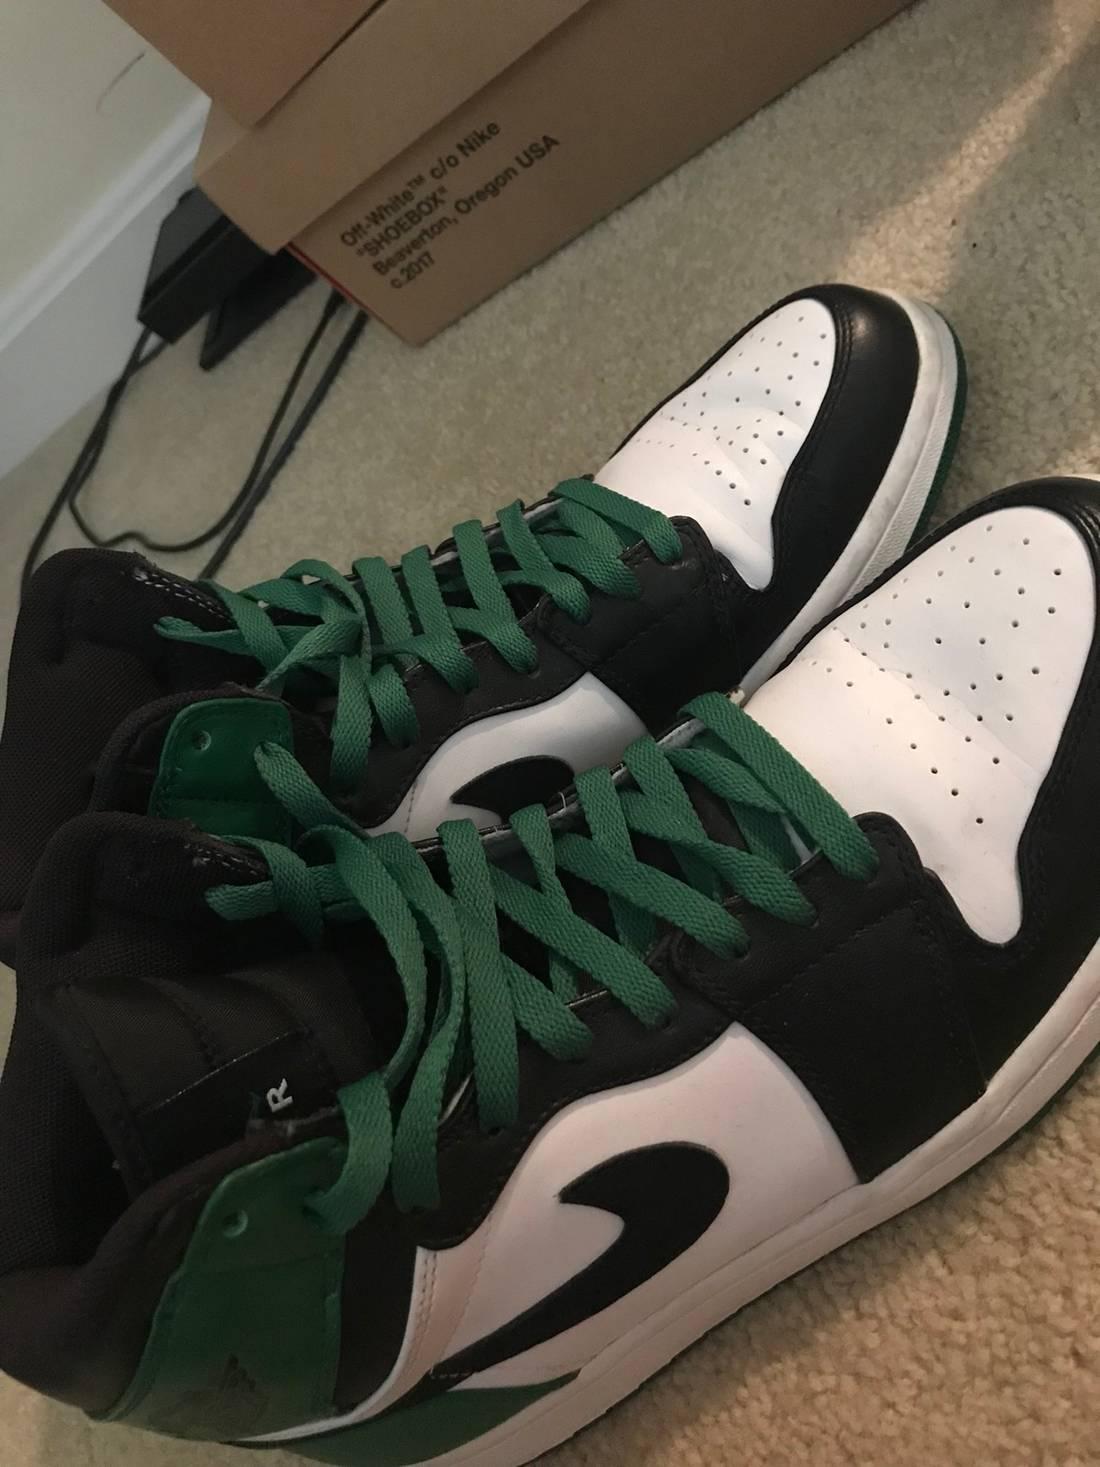 4c37b759d8afa8 Jordan Brand 2009 DMP Pack Celtics Jordan 1 Size US 10.5 EU 43 ...